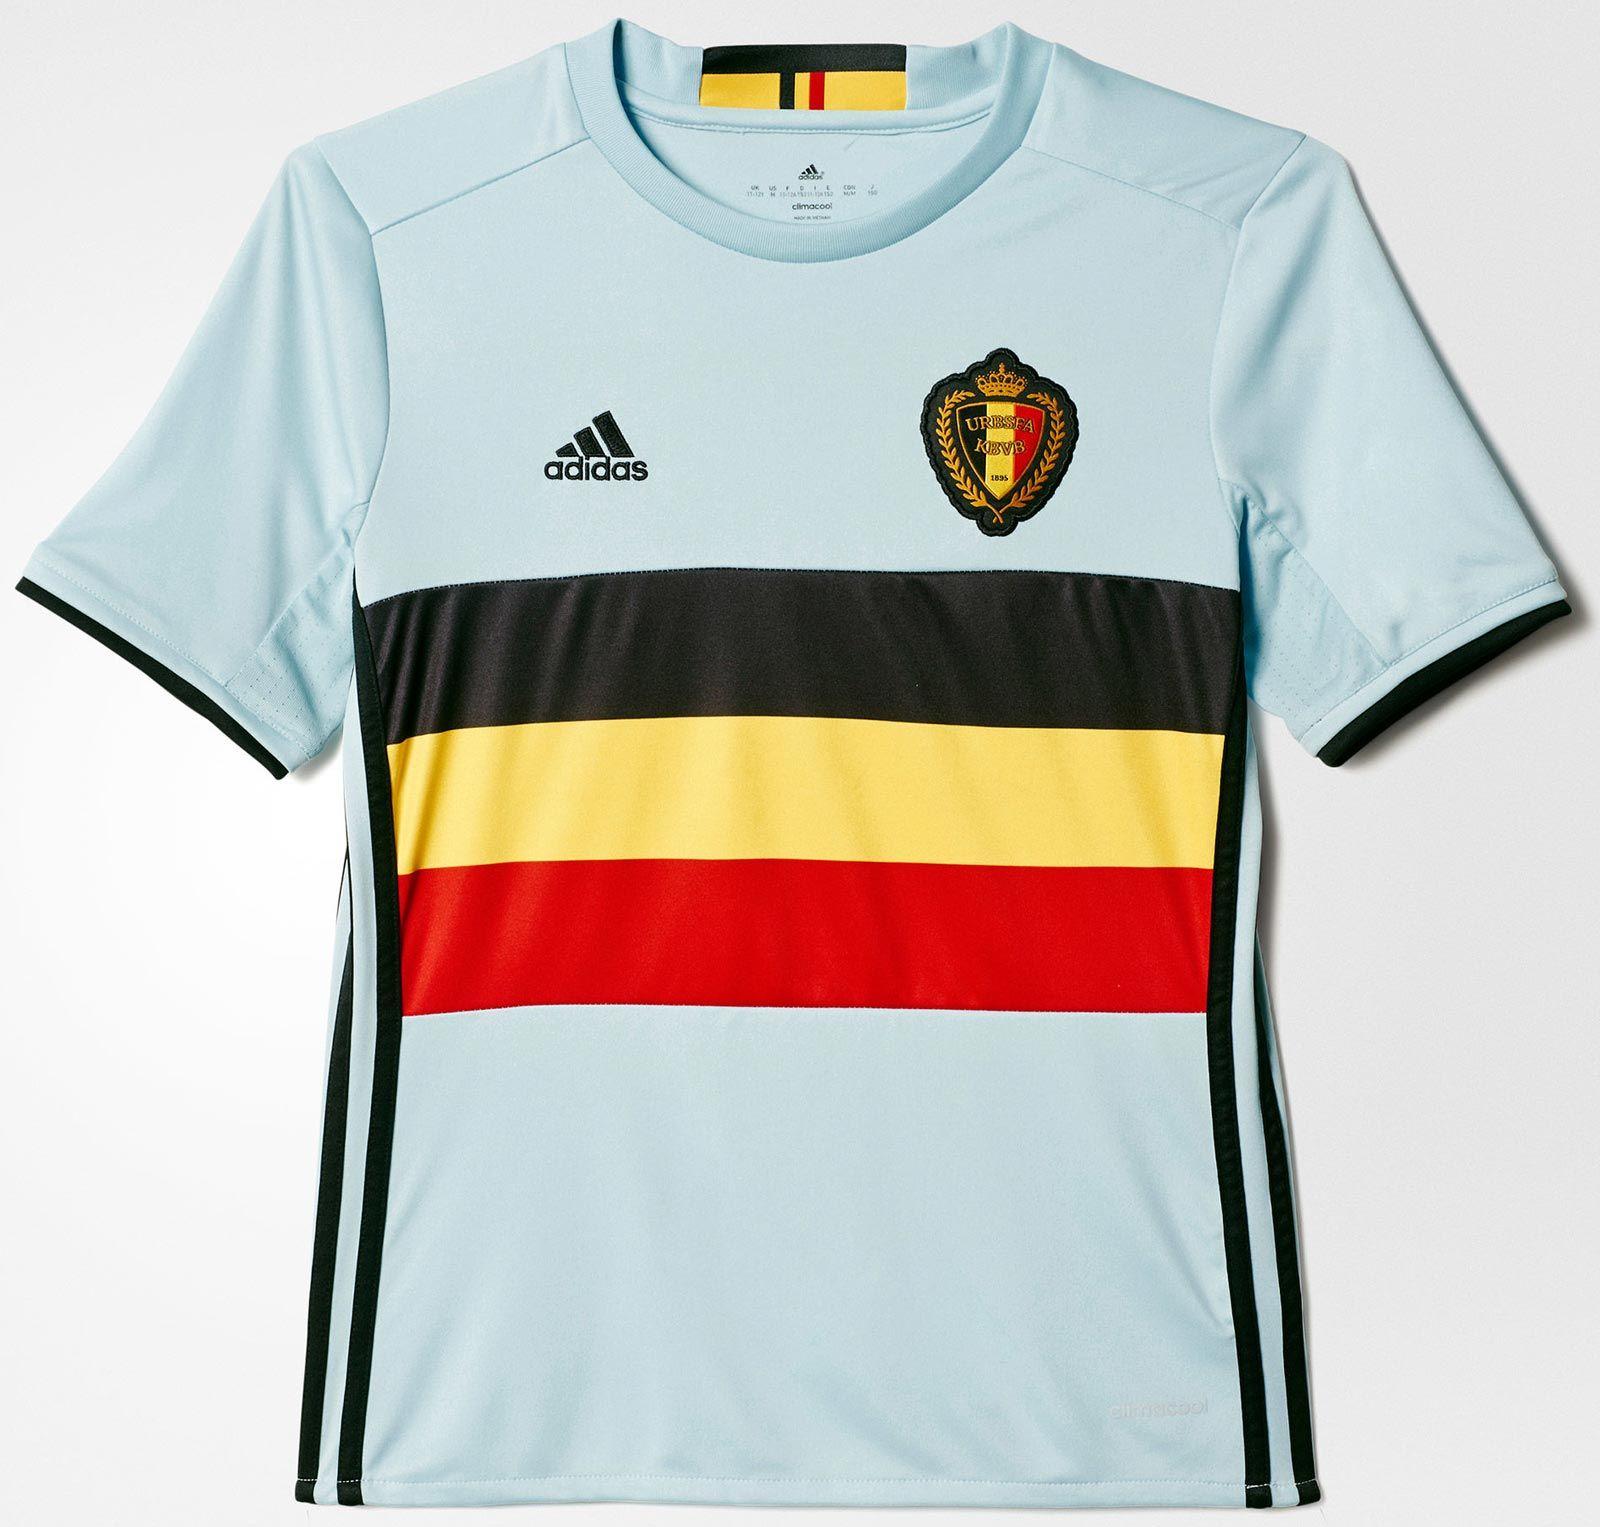 Adidas divulga nova camisa reserva da Bélgica - Show de Camisas ... c645e931bb4c1